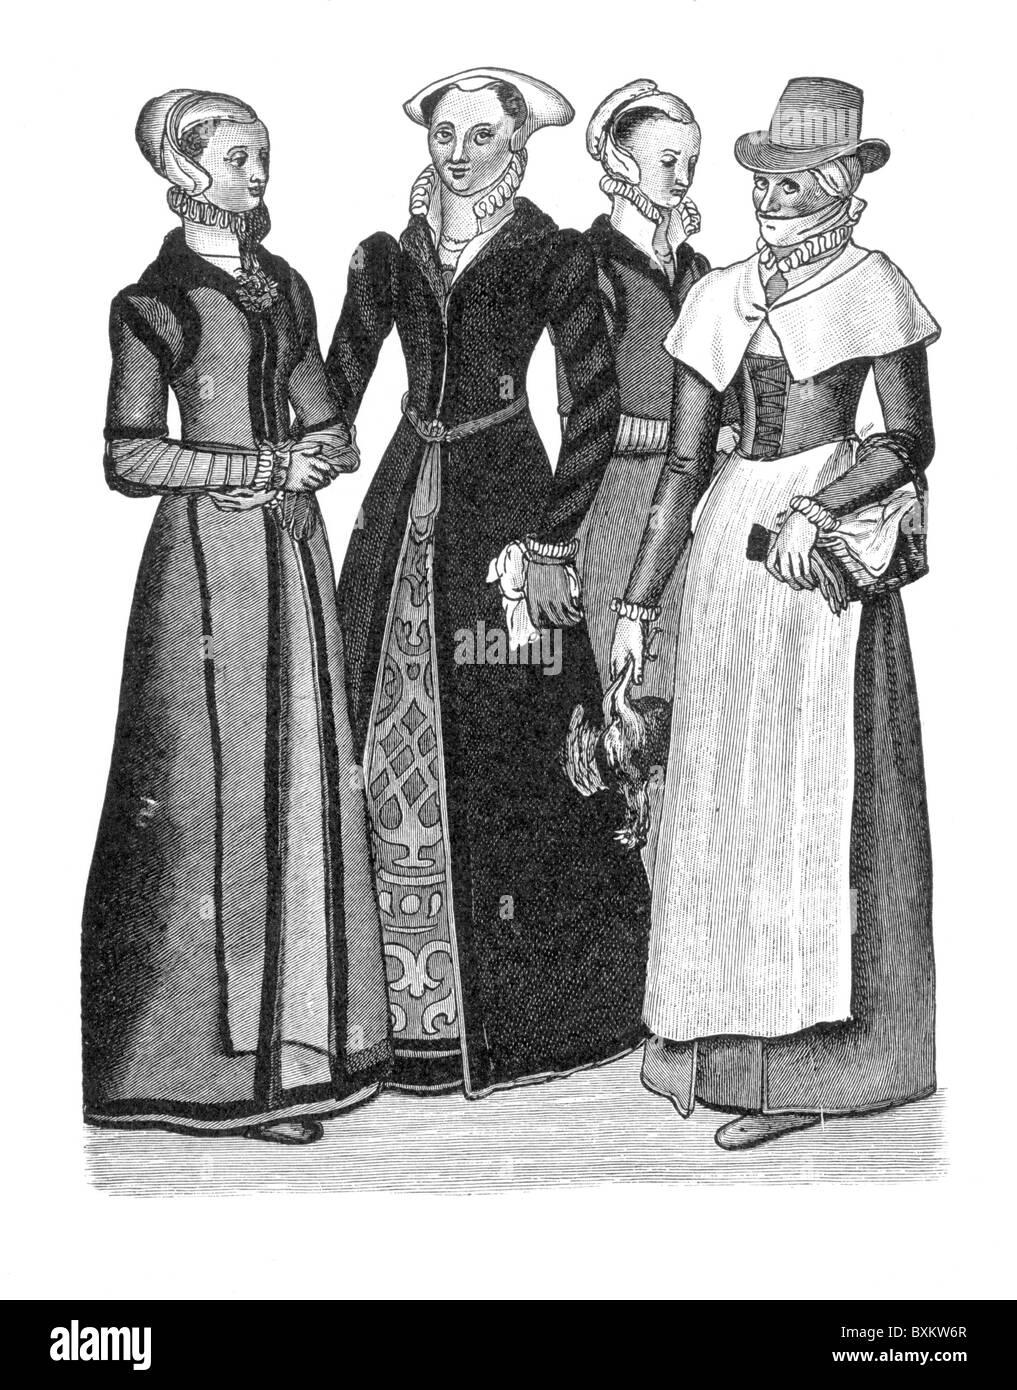 Kostüme von bürgerlichen Frauen und Land Frau; 16. Jahrhundert; Schwarz und weiß-Abbildung; Stockbild